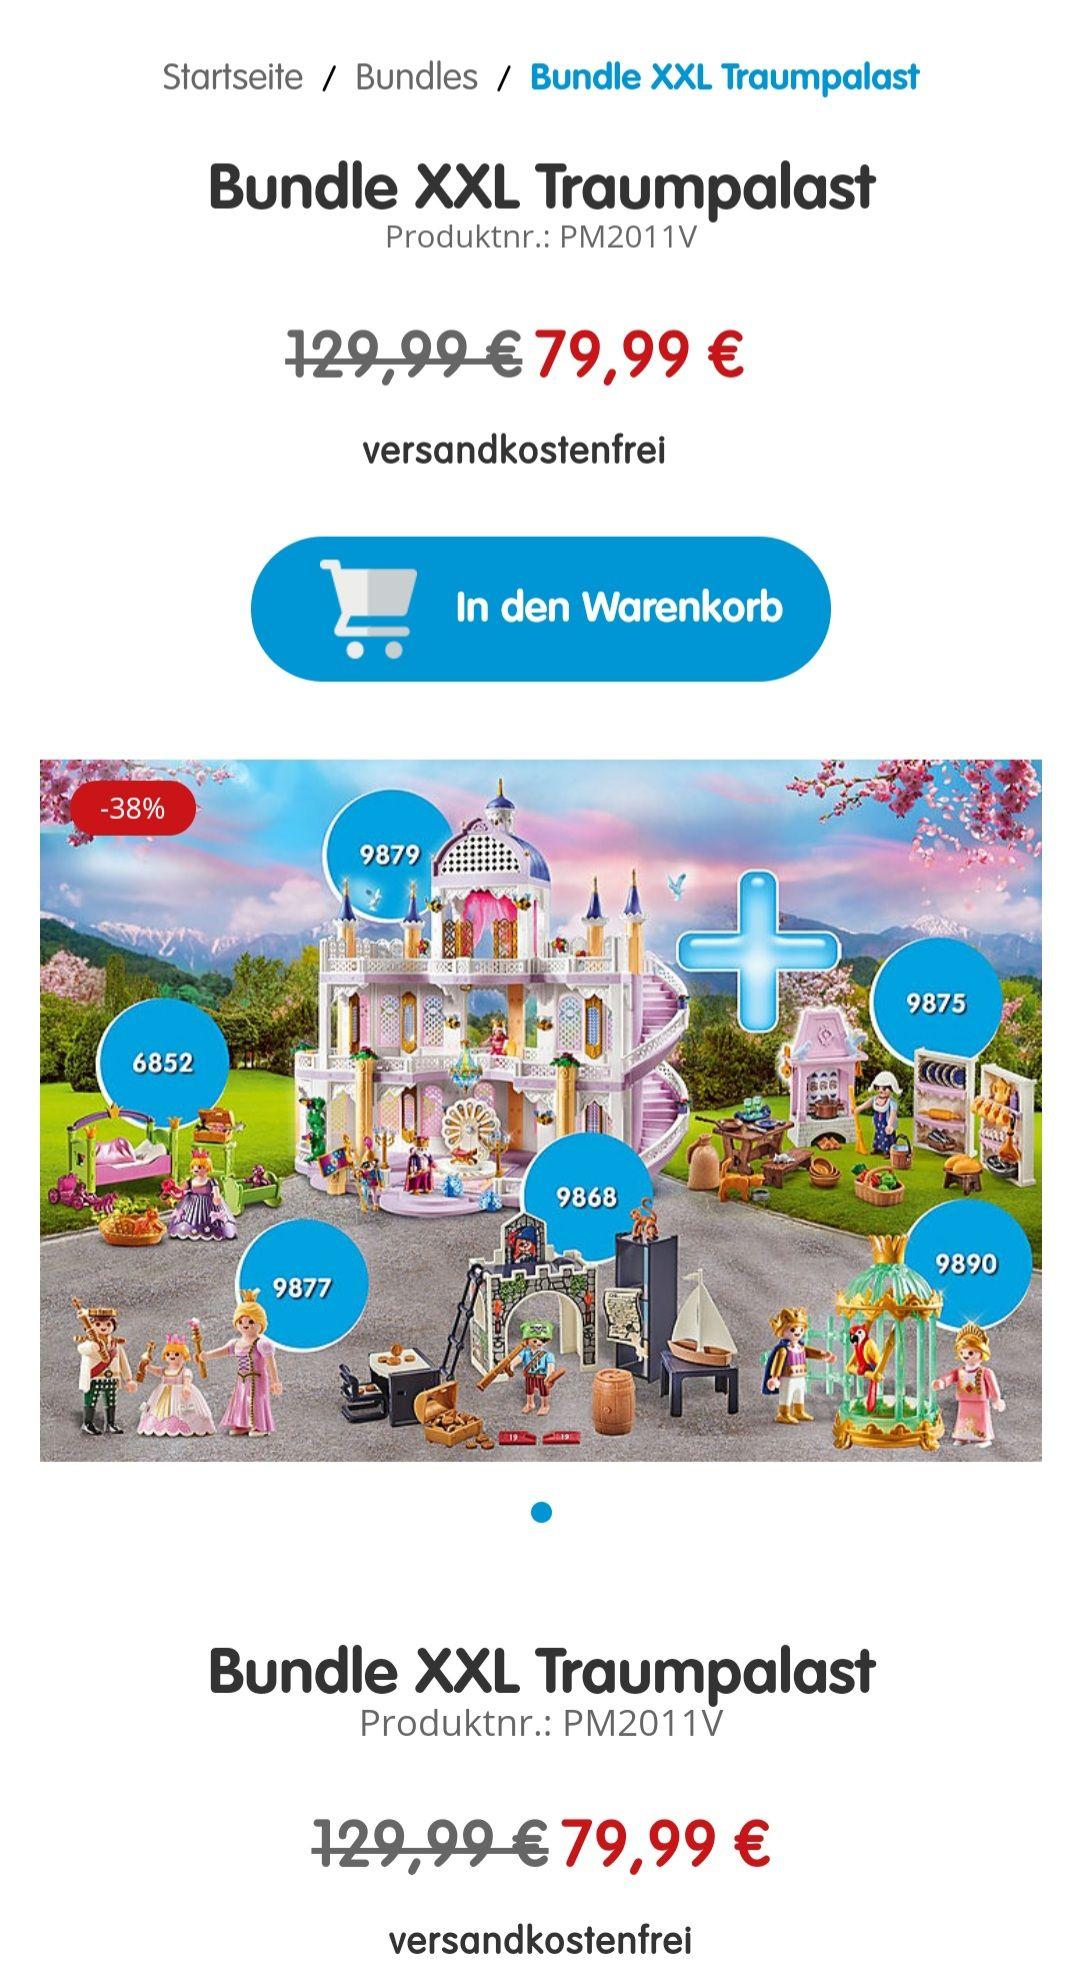 Playmobil Bundle Traumpalast 9878 mit 9890, 9875, 9877, 6852, 9868 - Bestpreis!